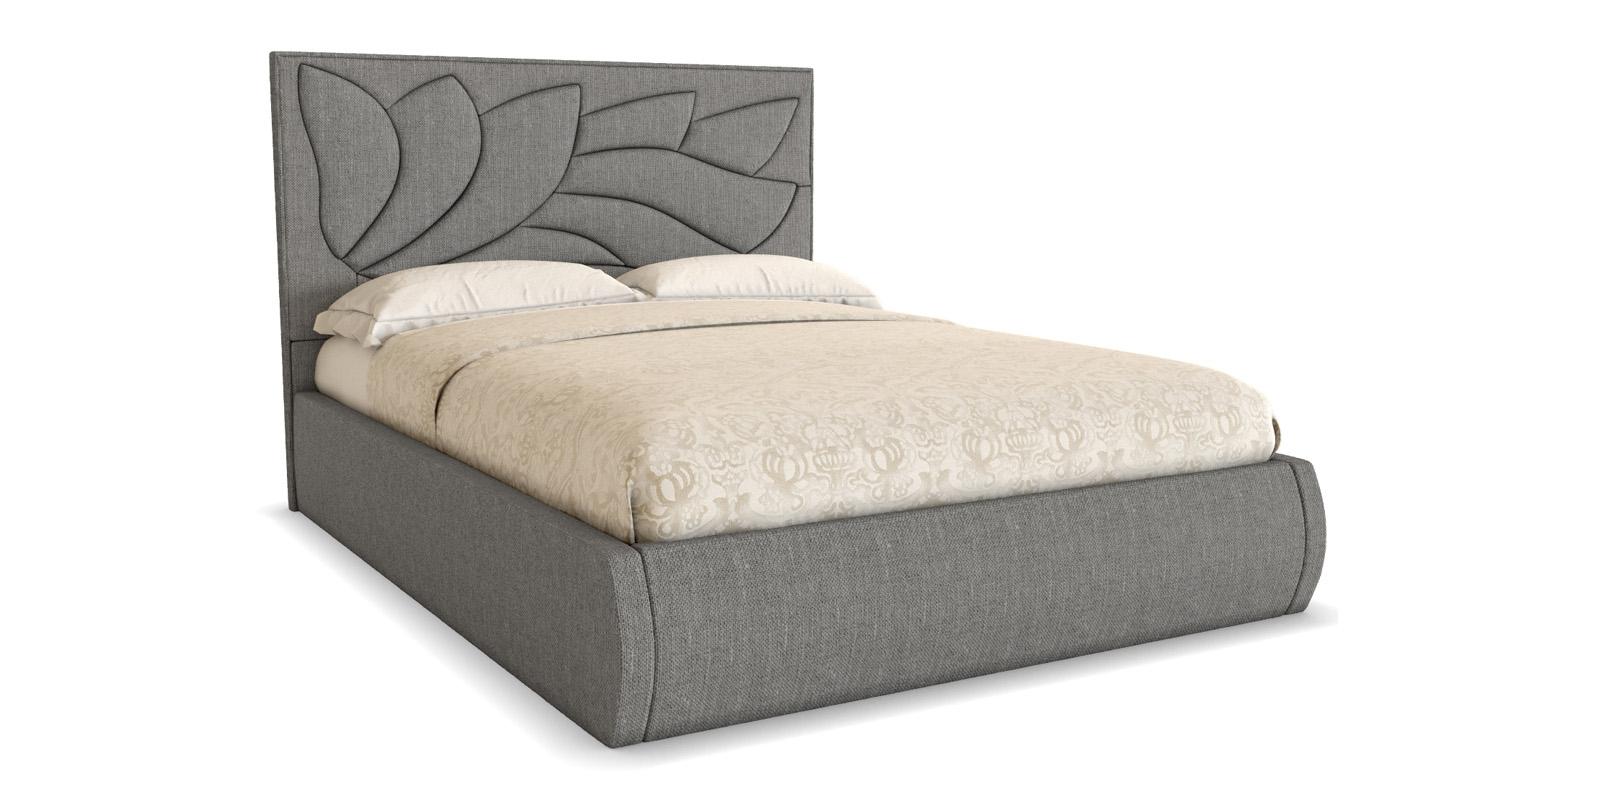 Мягкая кровать 200х160 Диона с ортопедическим основанием (серый)